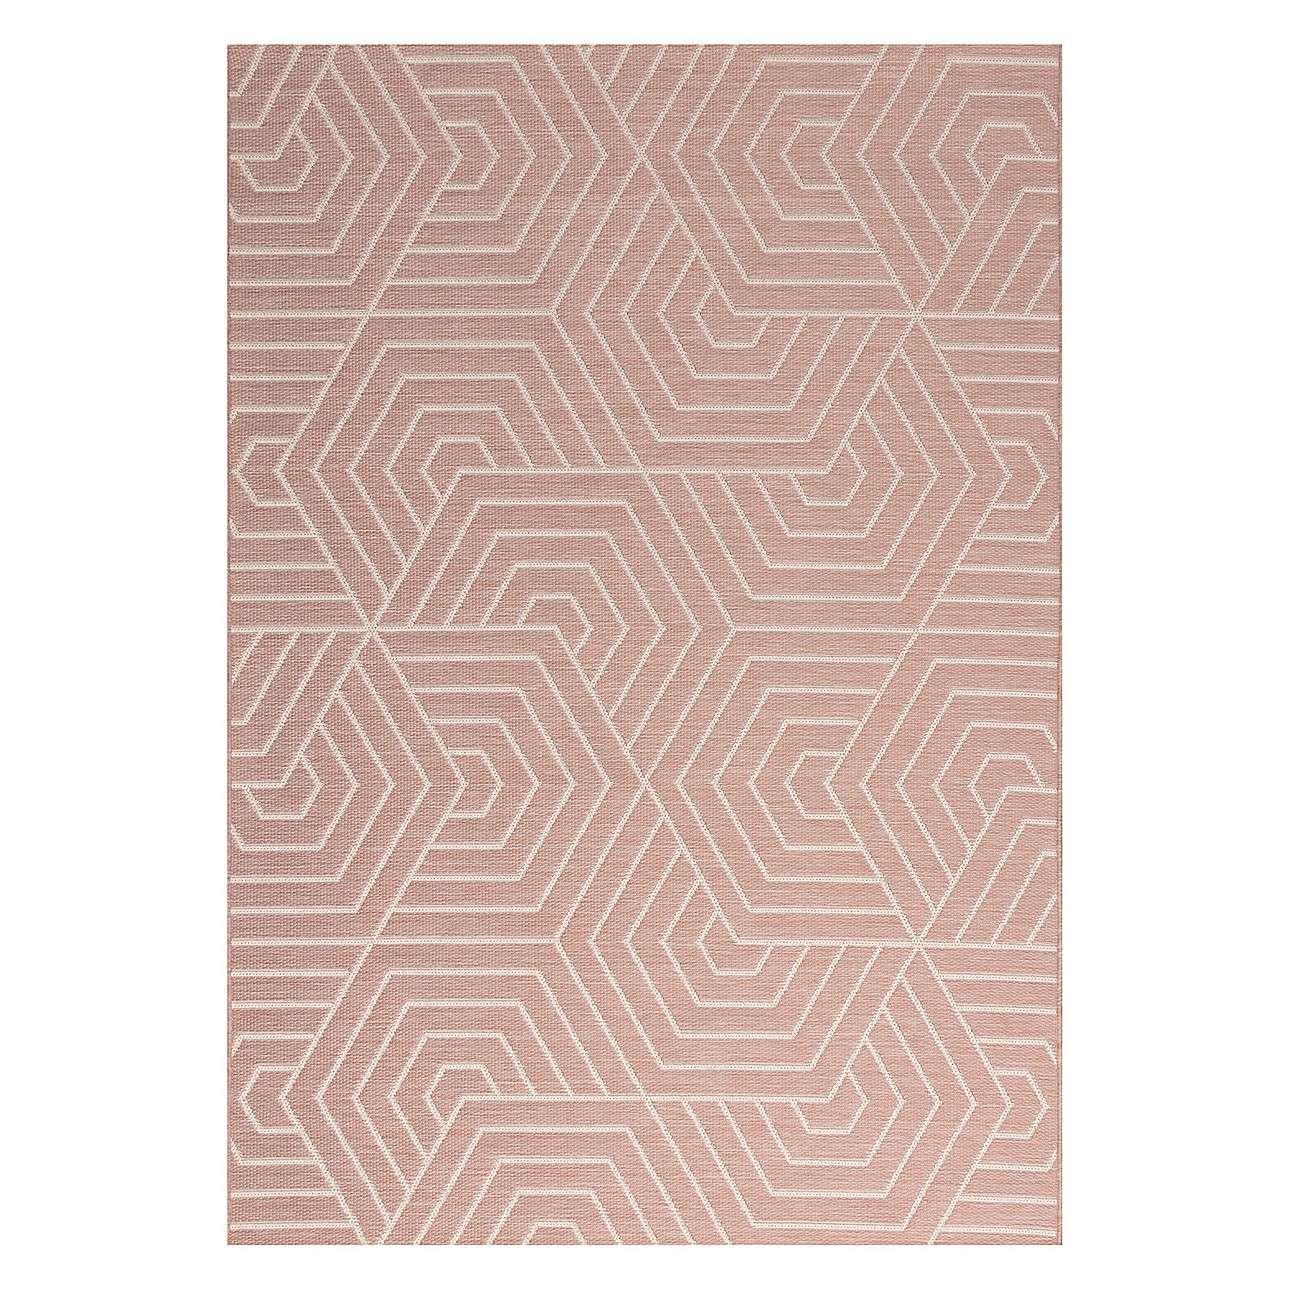 Koberec Jersey Home wool/blush rose 160x230cm